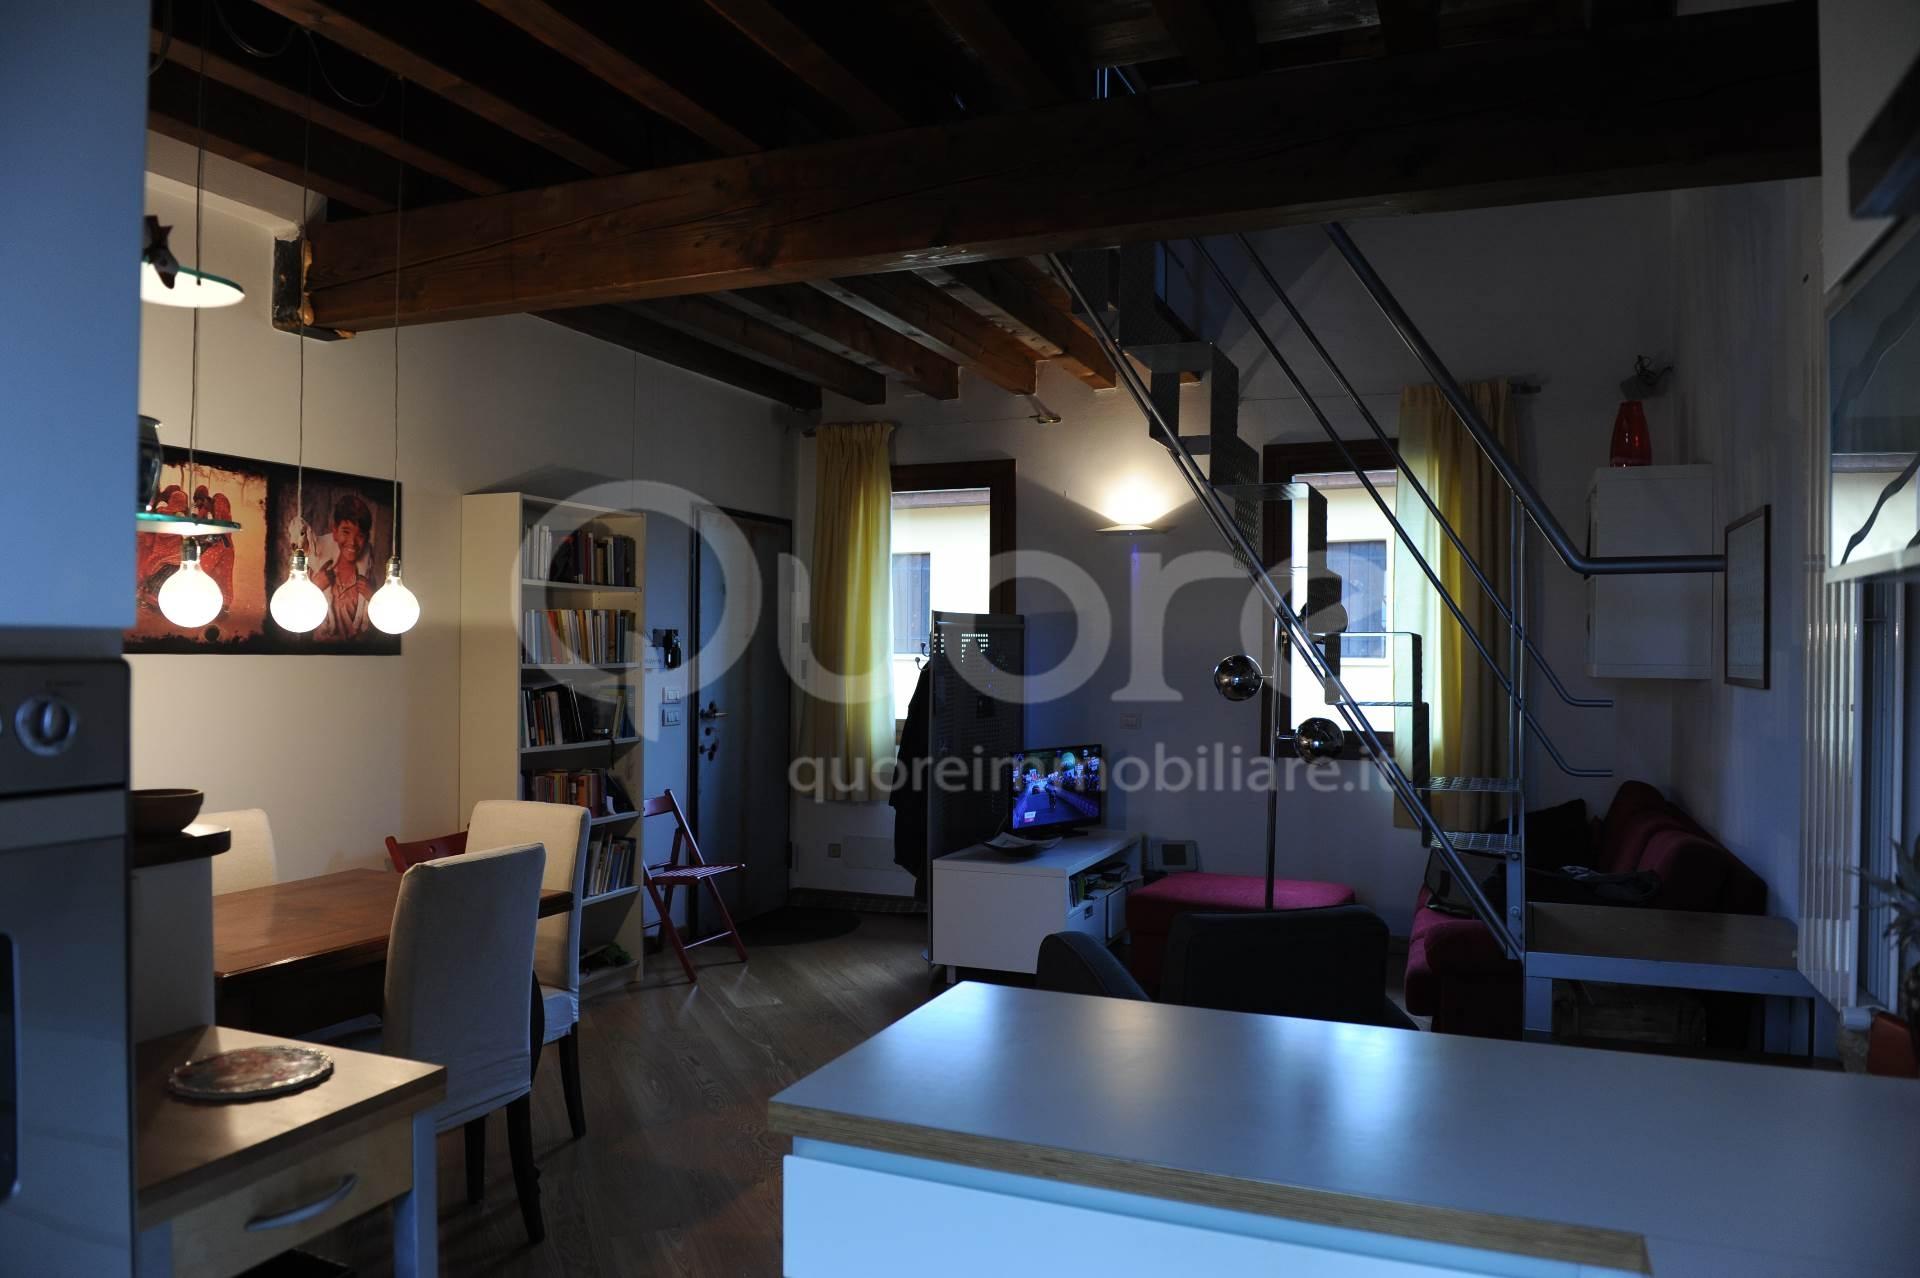 Appartamento in vendita a Tricesimo, 2 locali, prezzo € 110.000 | CambioCasa.it